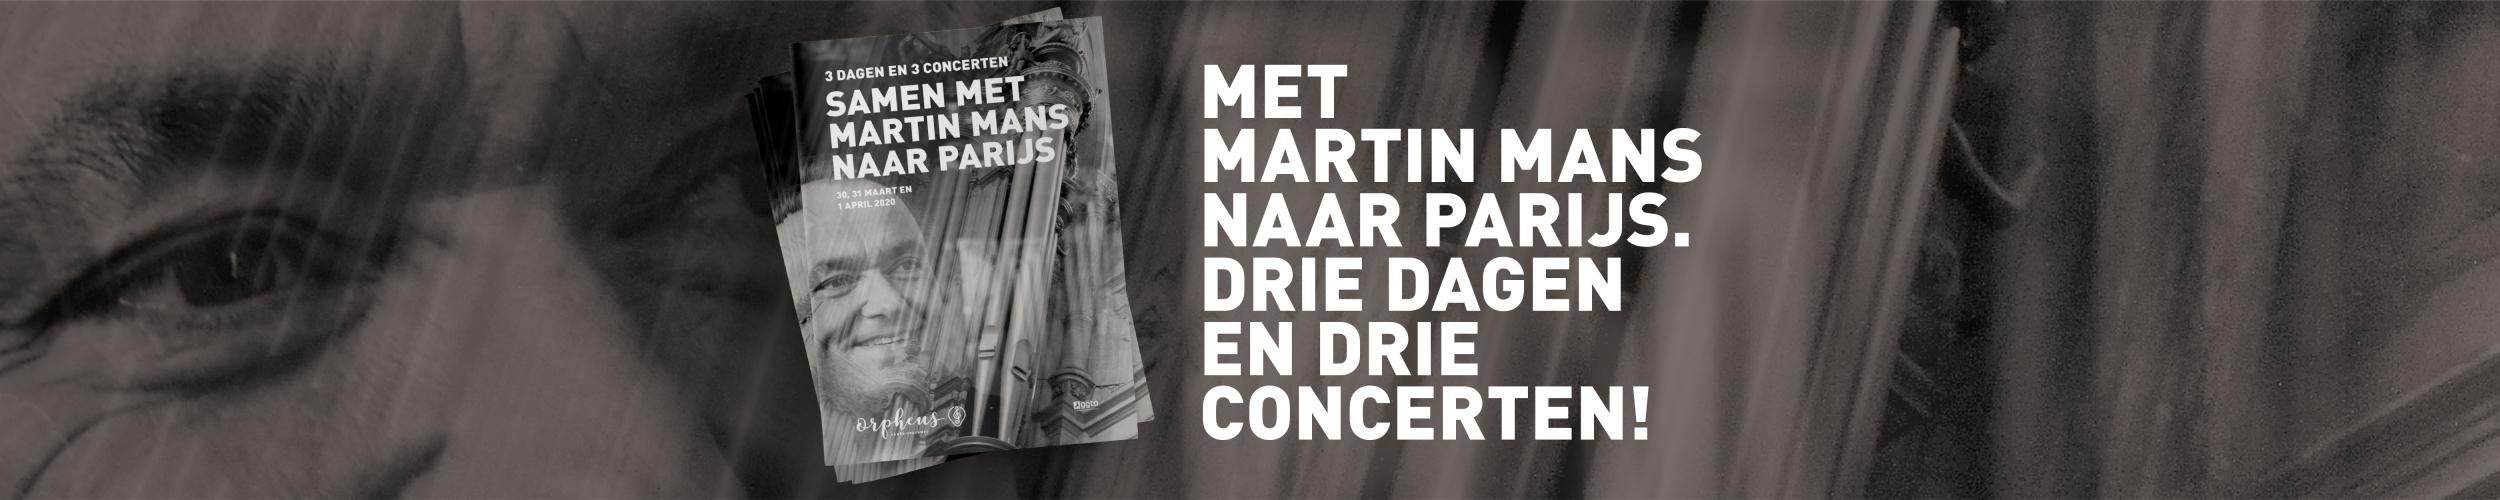 Samen met Martin Mans naar Parijs! 3 dagen en 3 concerten. 30, 31 maart en 1 april 2020.